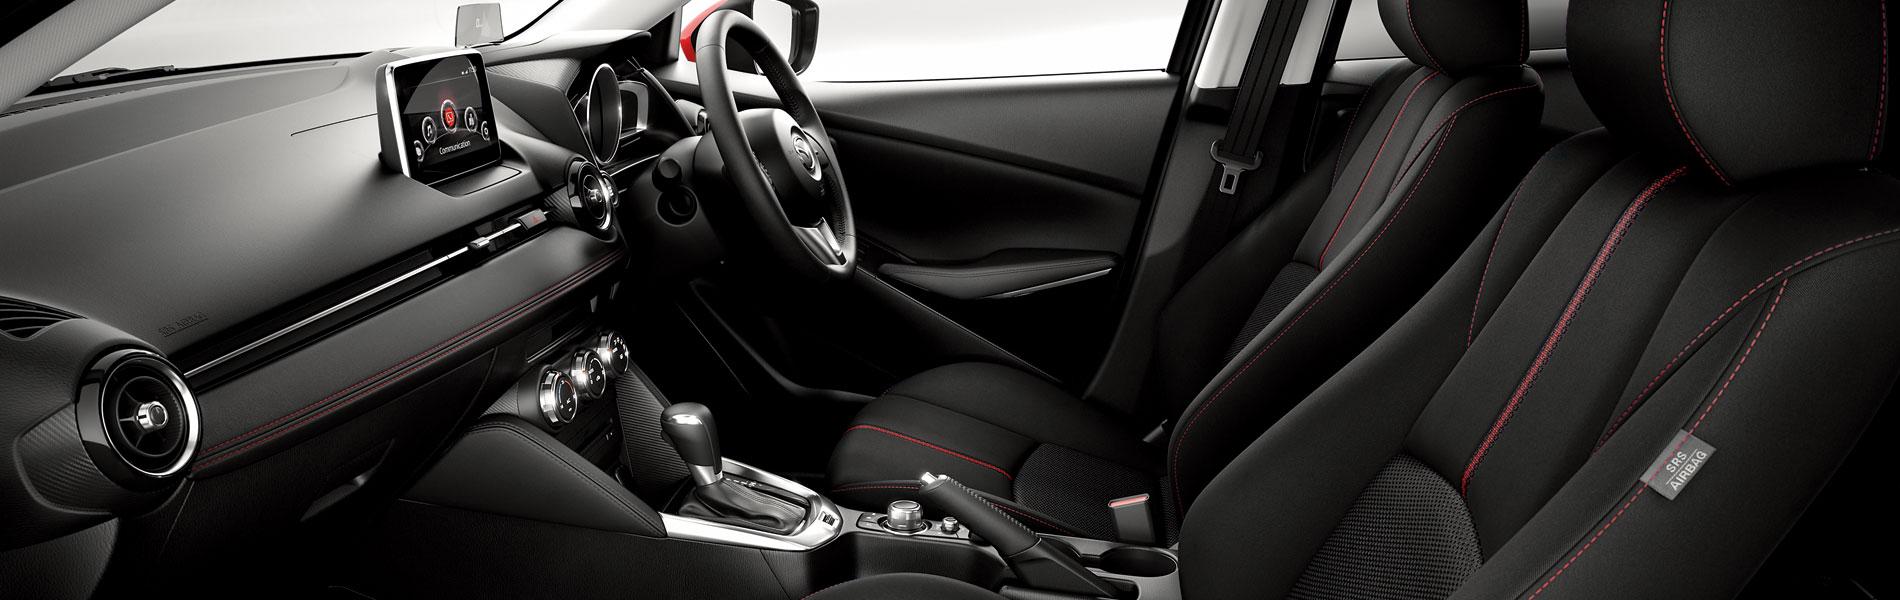 Mazda Mazda2 Image 4